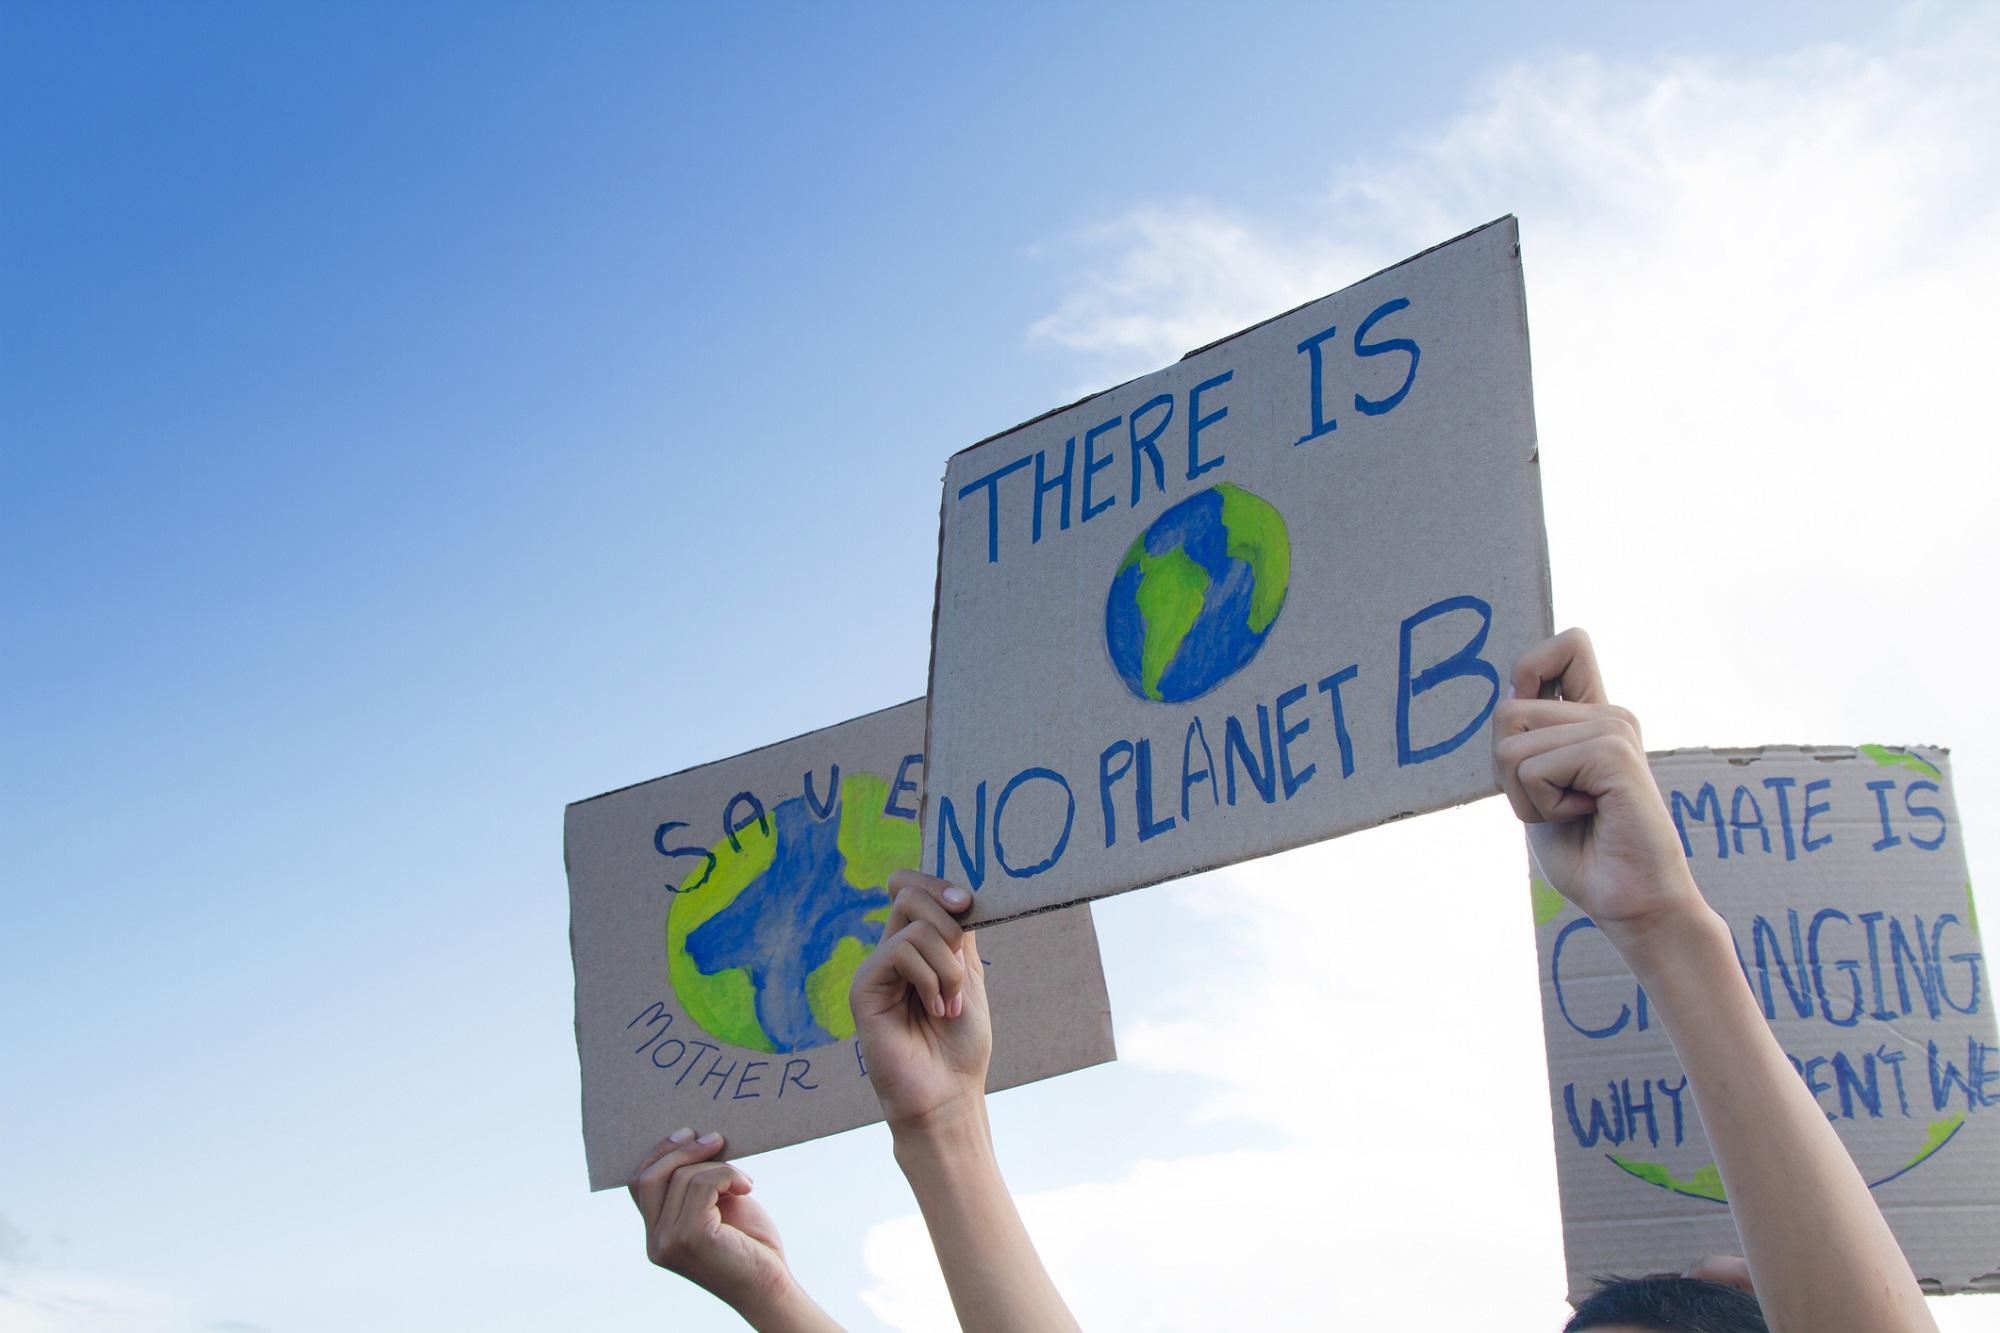 Cop25: preoccupate lezioni sulla crisi del clima